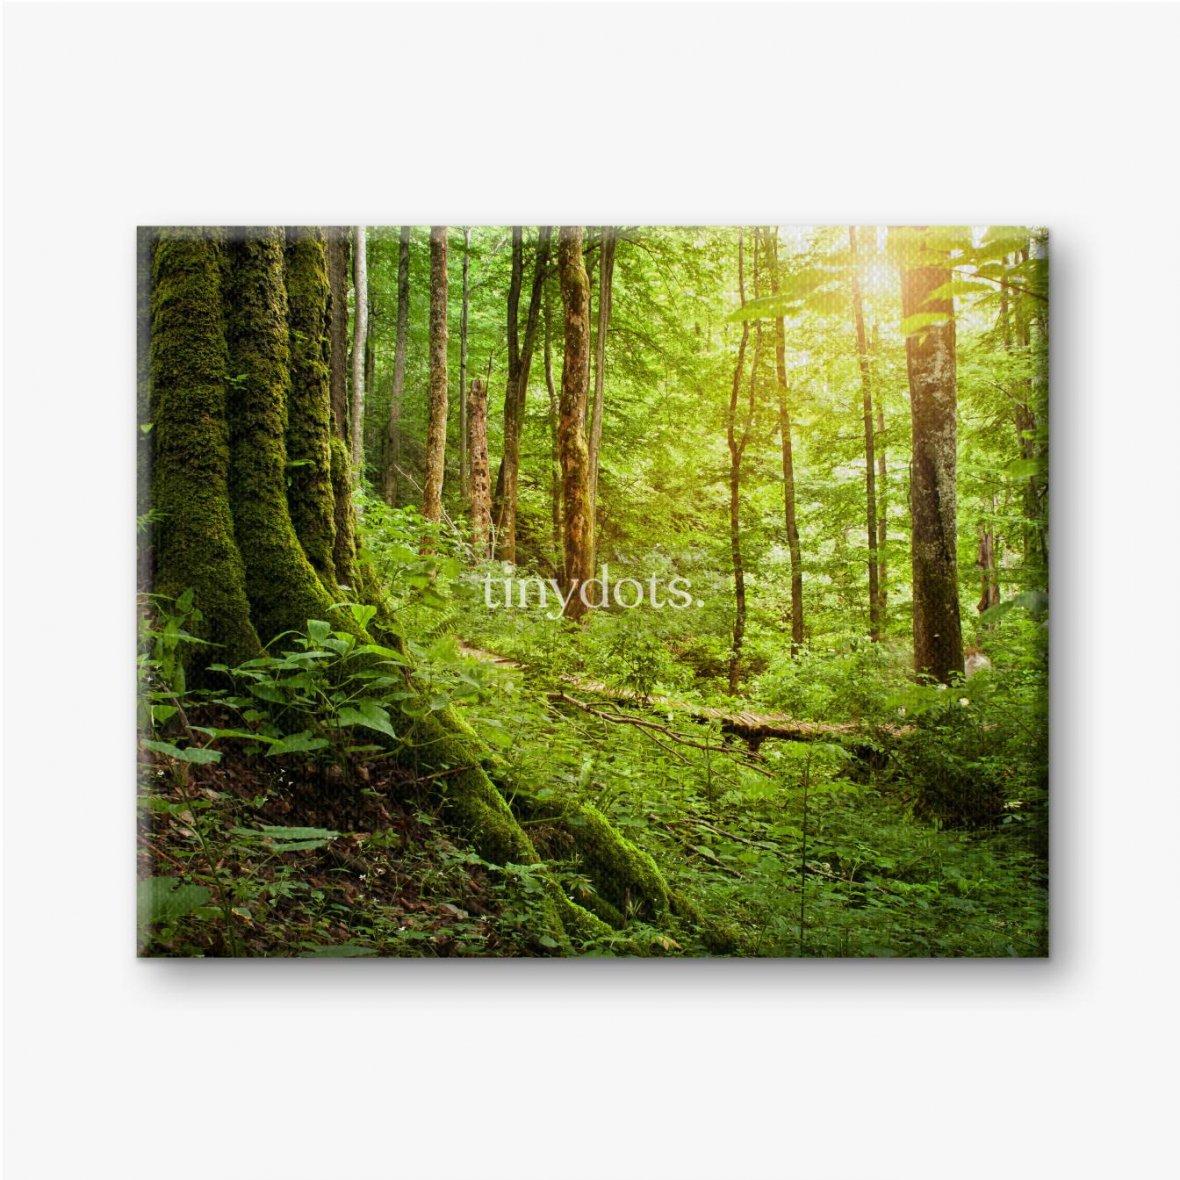 Leinwandbilder Mit Moos bewachsener Baum, Waldlandschaft